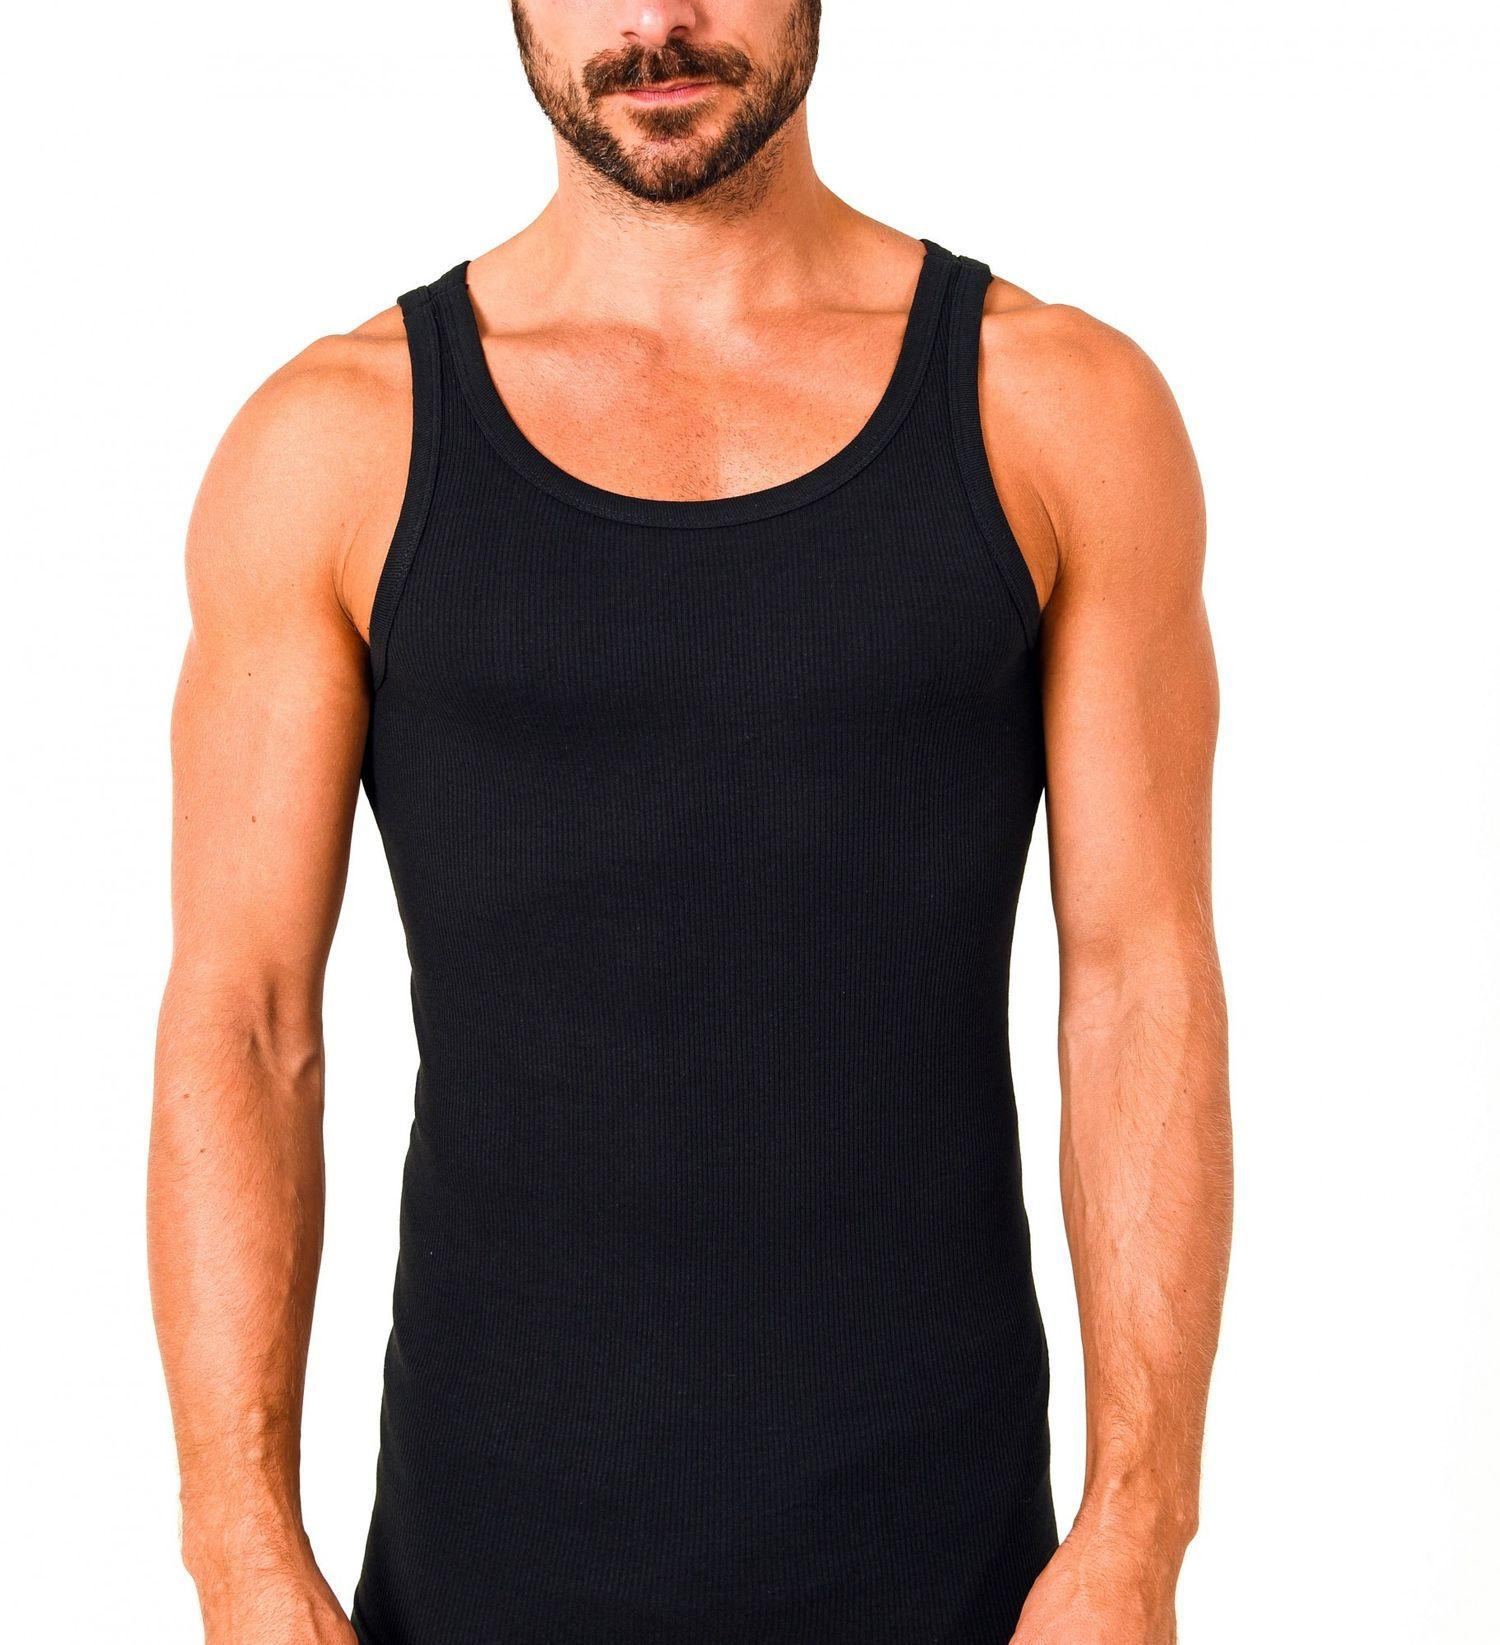 Herren Achselhemd 2erpack Tanktop in schwarz Feinripp Unterhemd  aus 100 % Baumwolle  – Bild 1